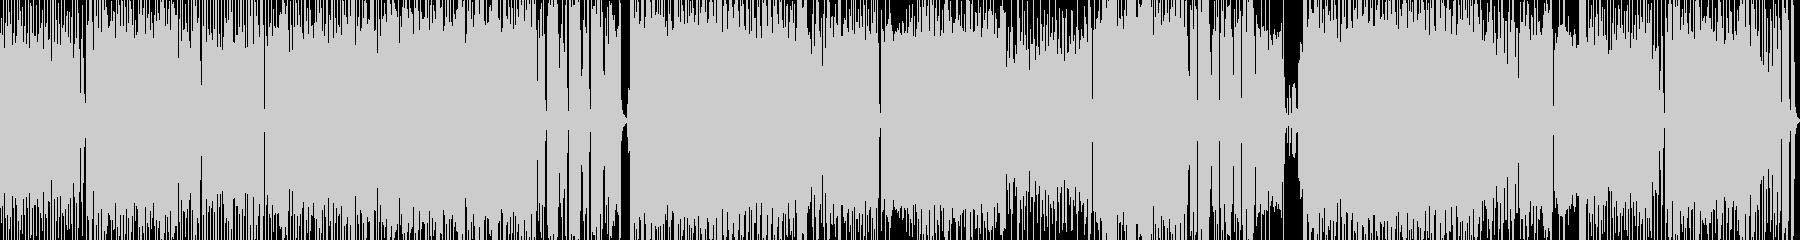 ロックループBGMギターオーケストラ進撃の未再生の波形